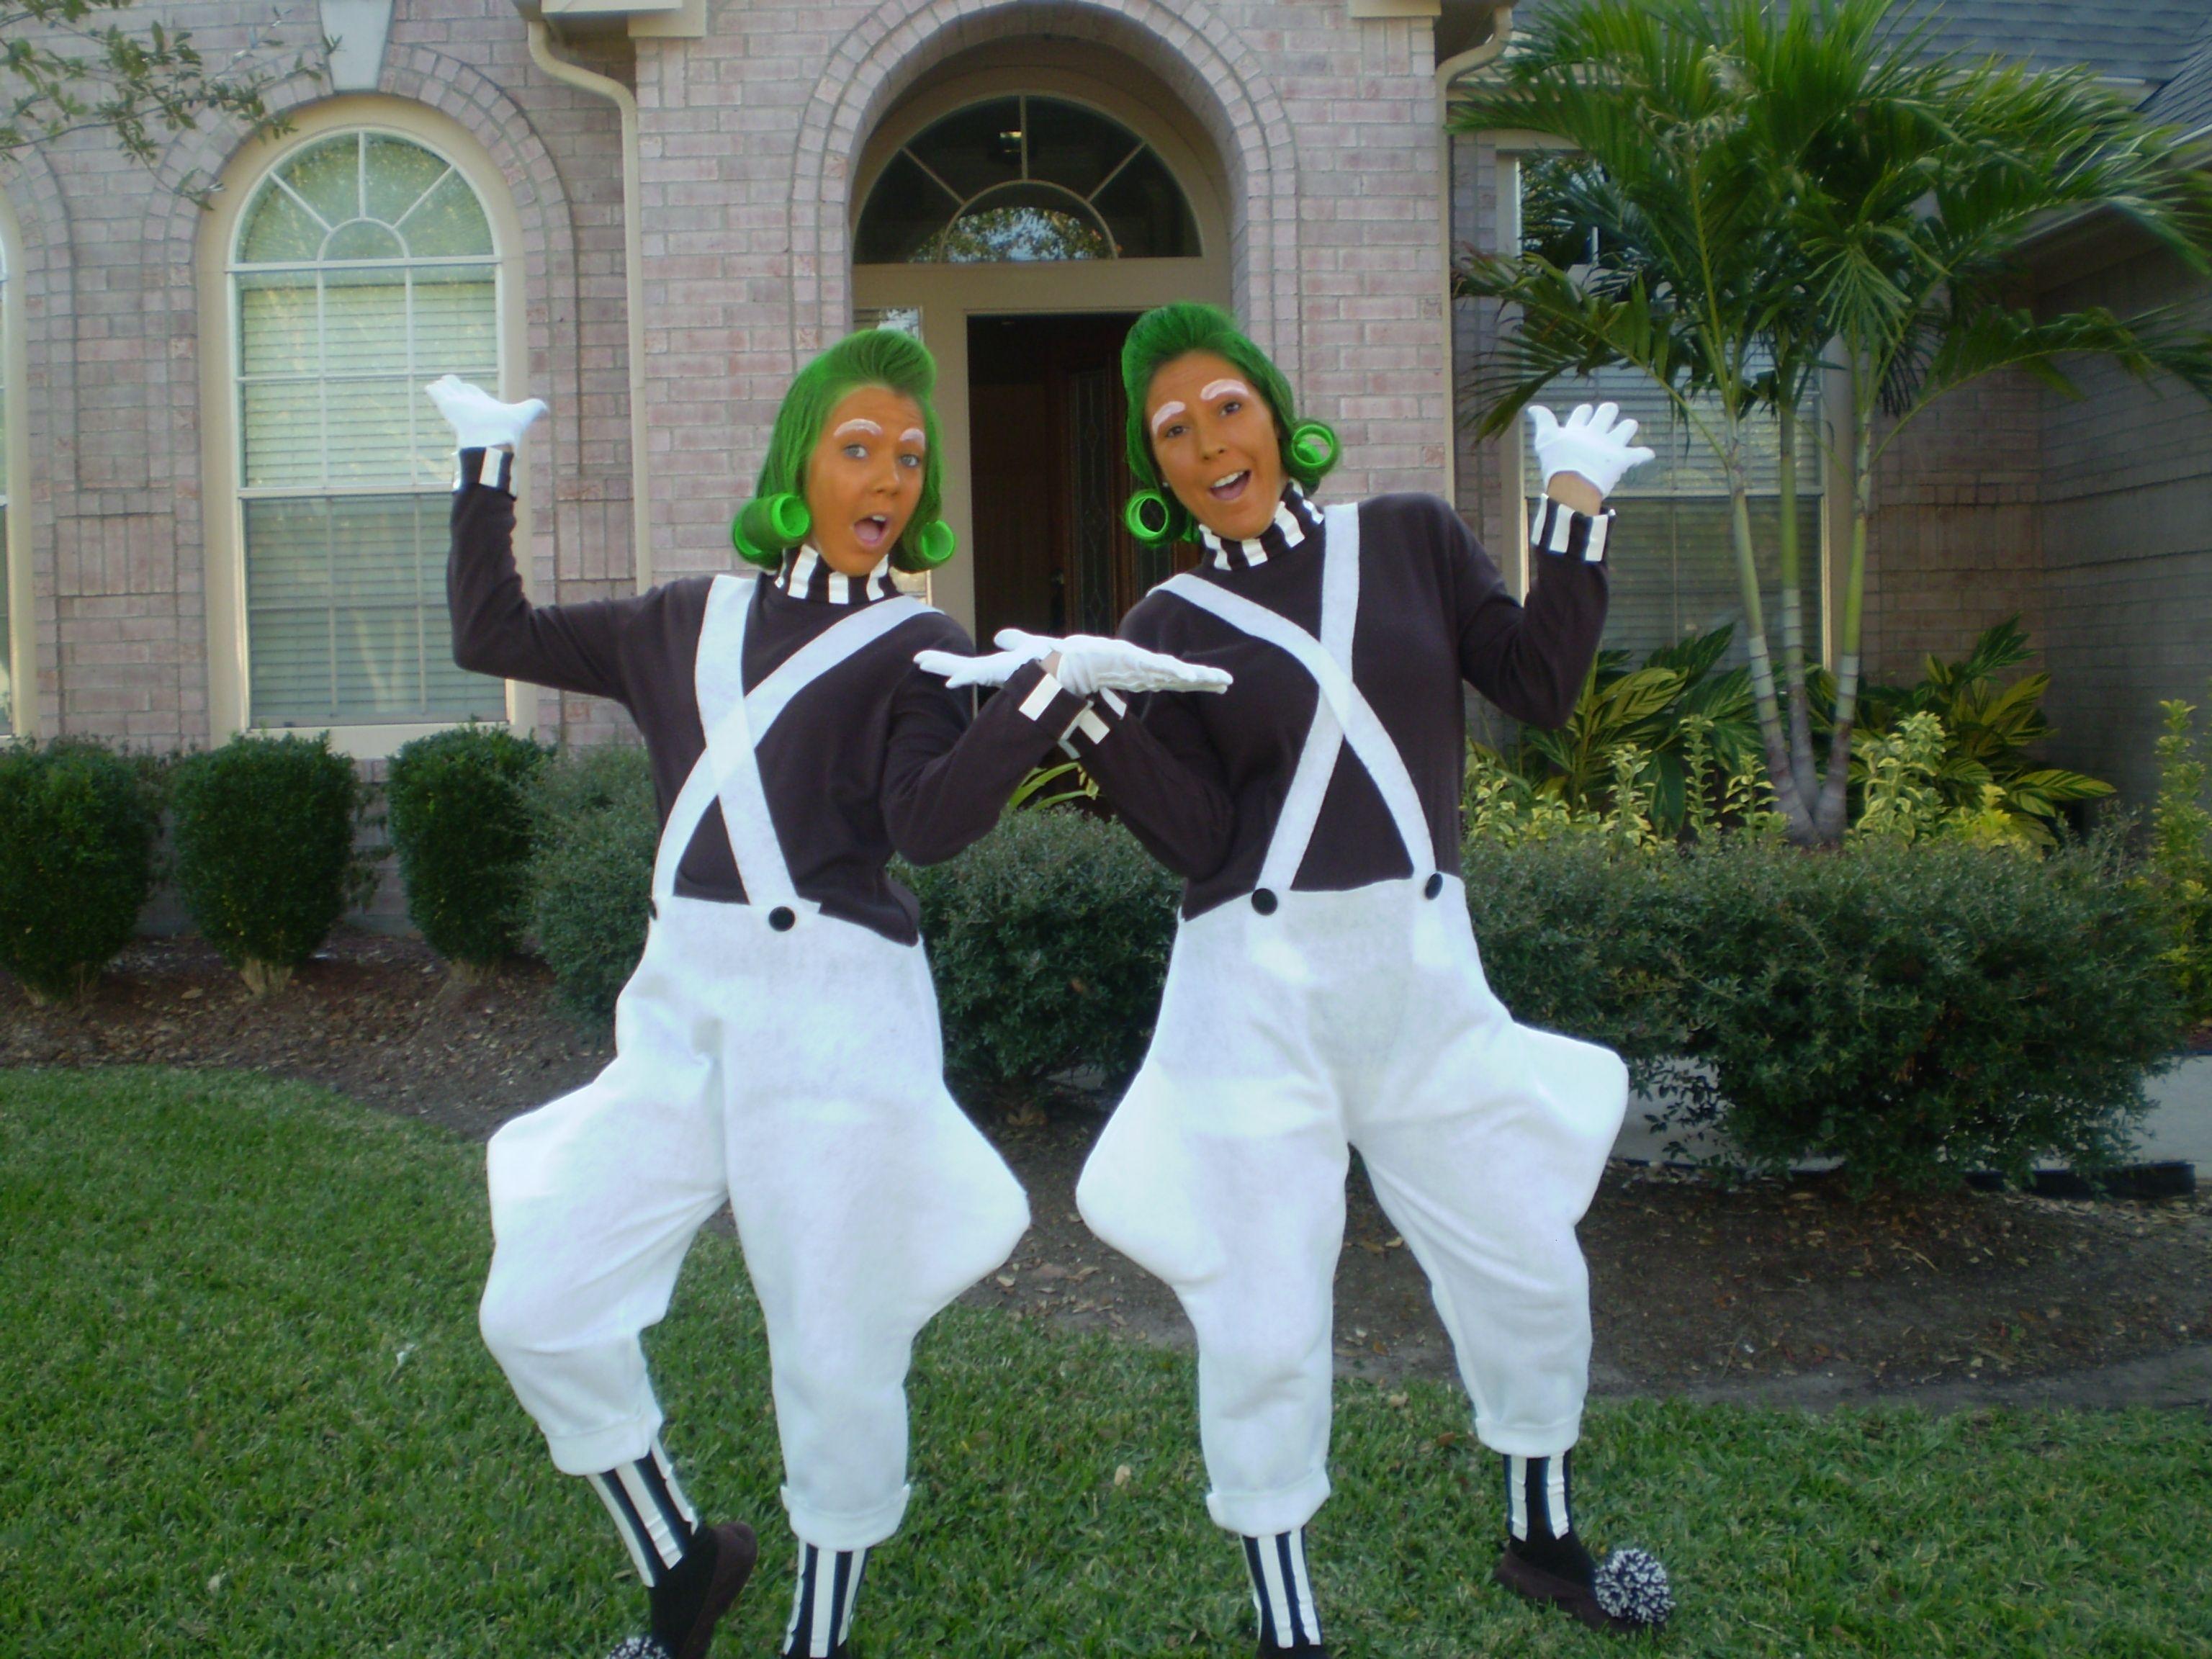 halloween ideas willy wonka oompa loompa costume - Oompa Loompa Halloween